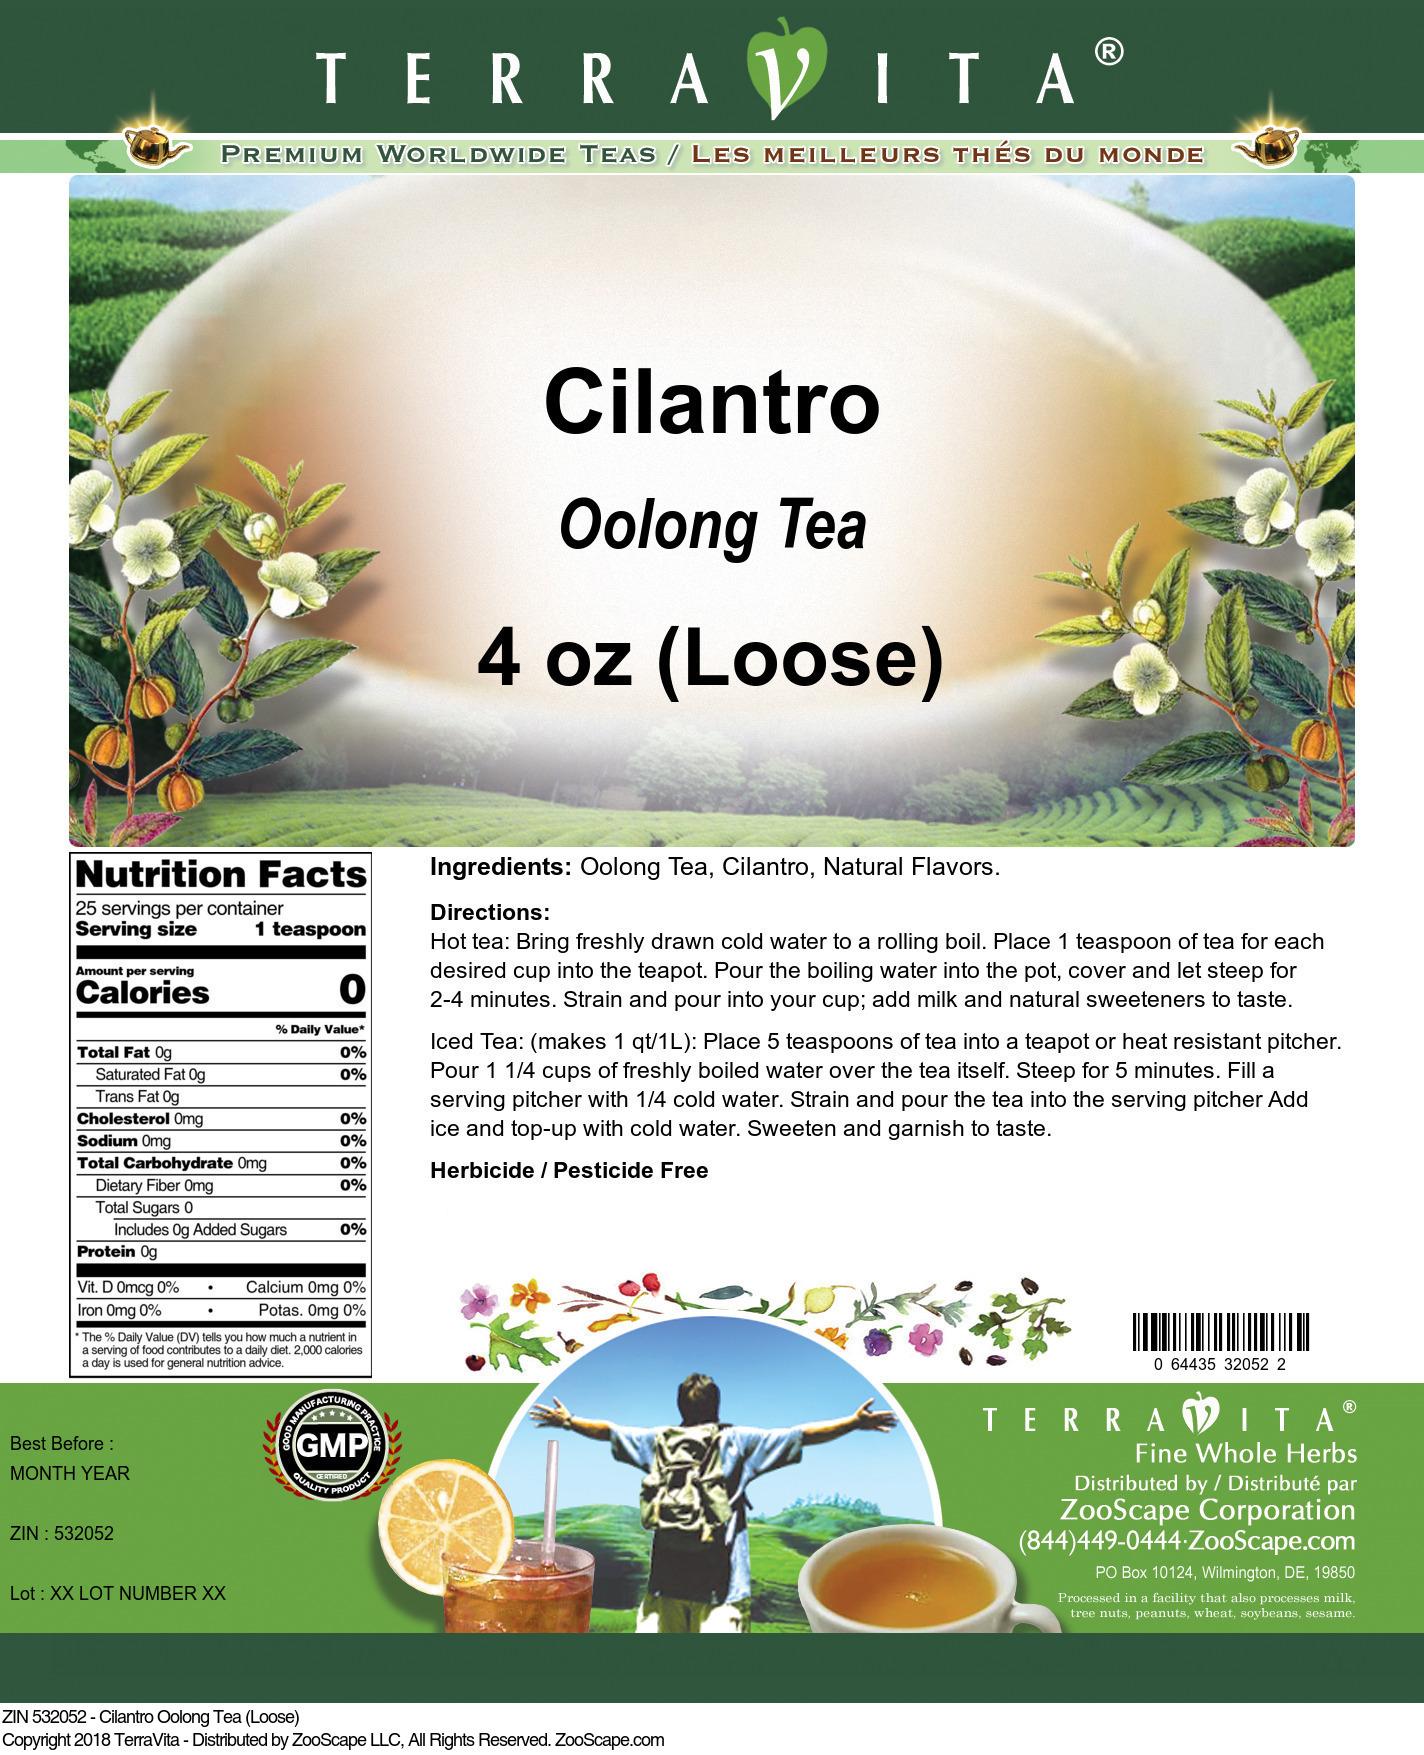 Cilantro Oolong Tea (Loose)